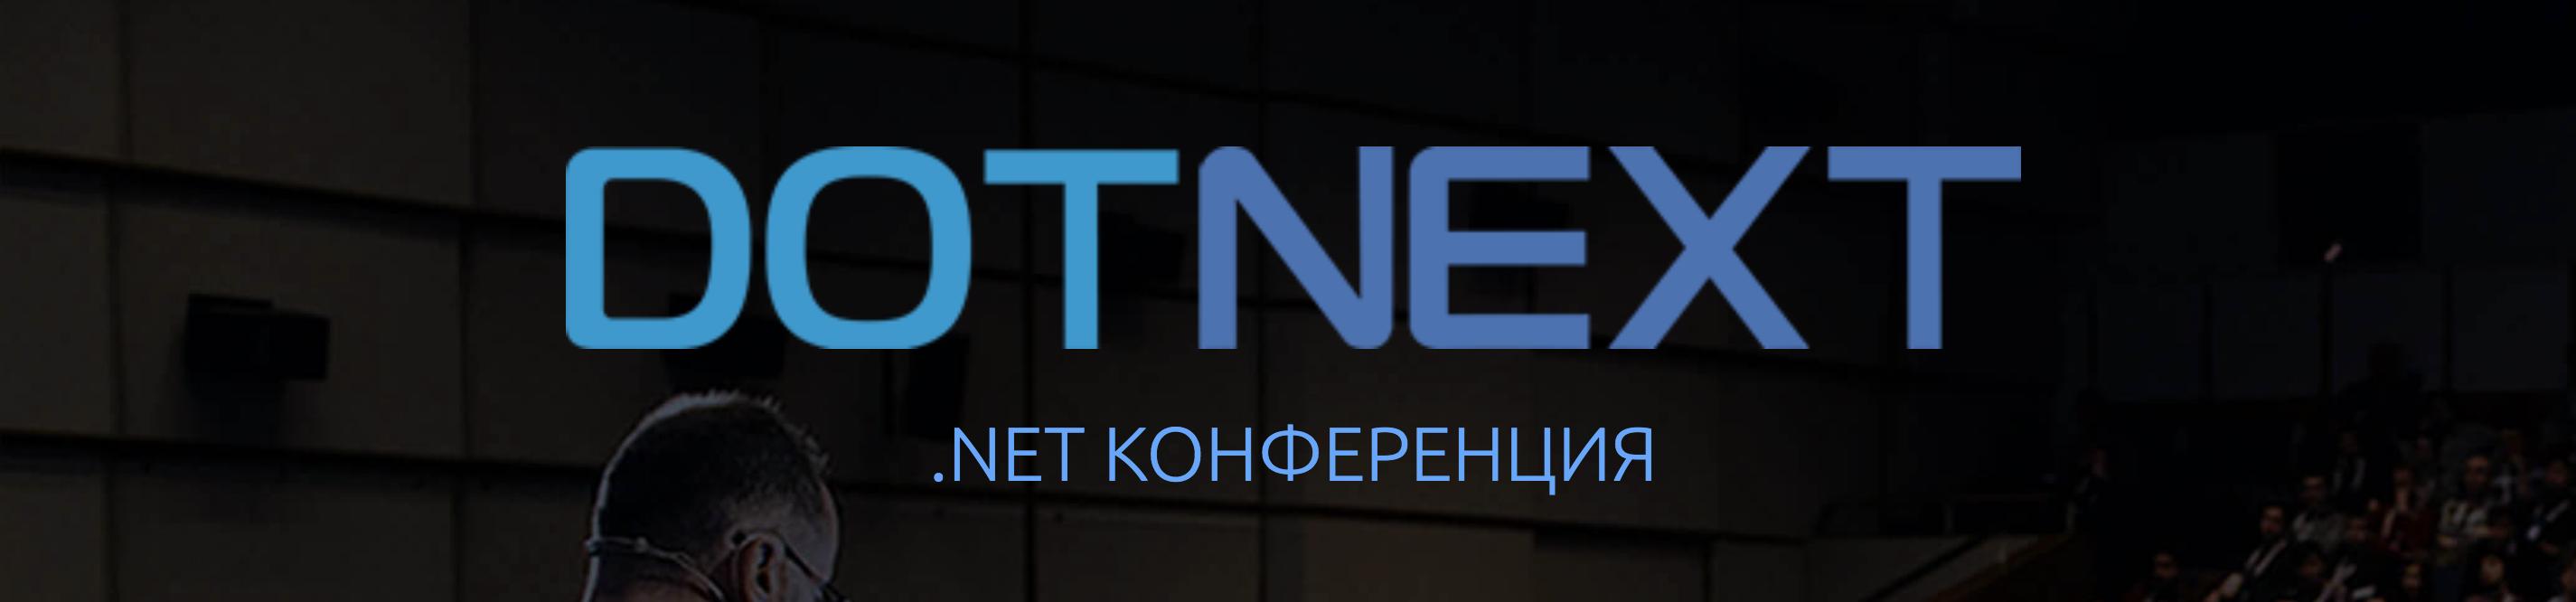 DotNext 2017 Moscow: возвращение хардкора - 1